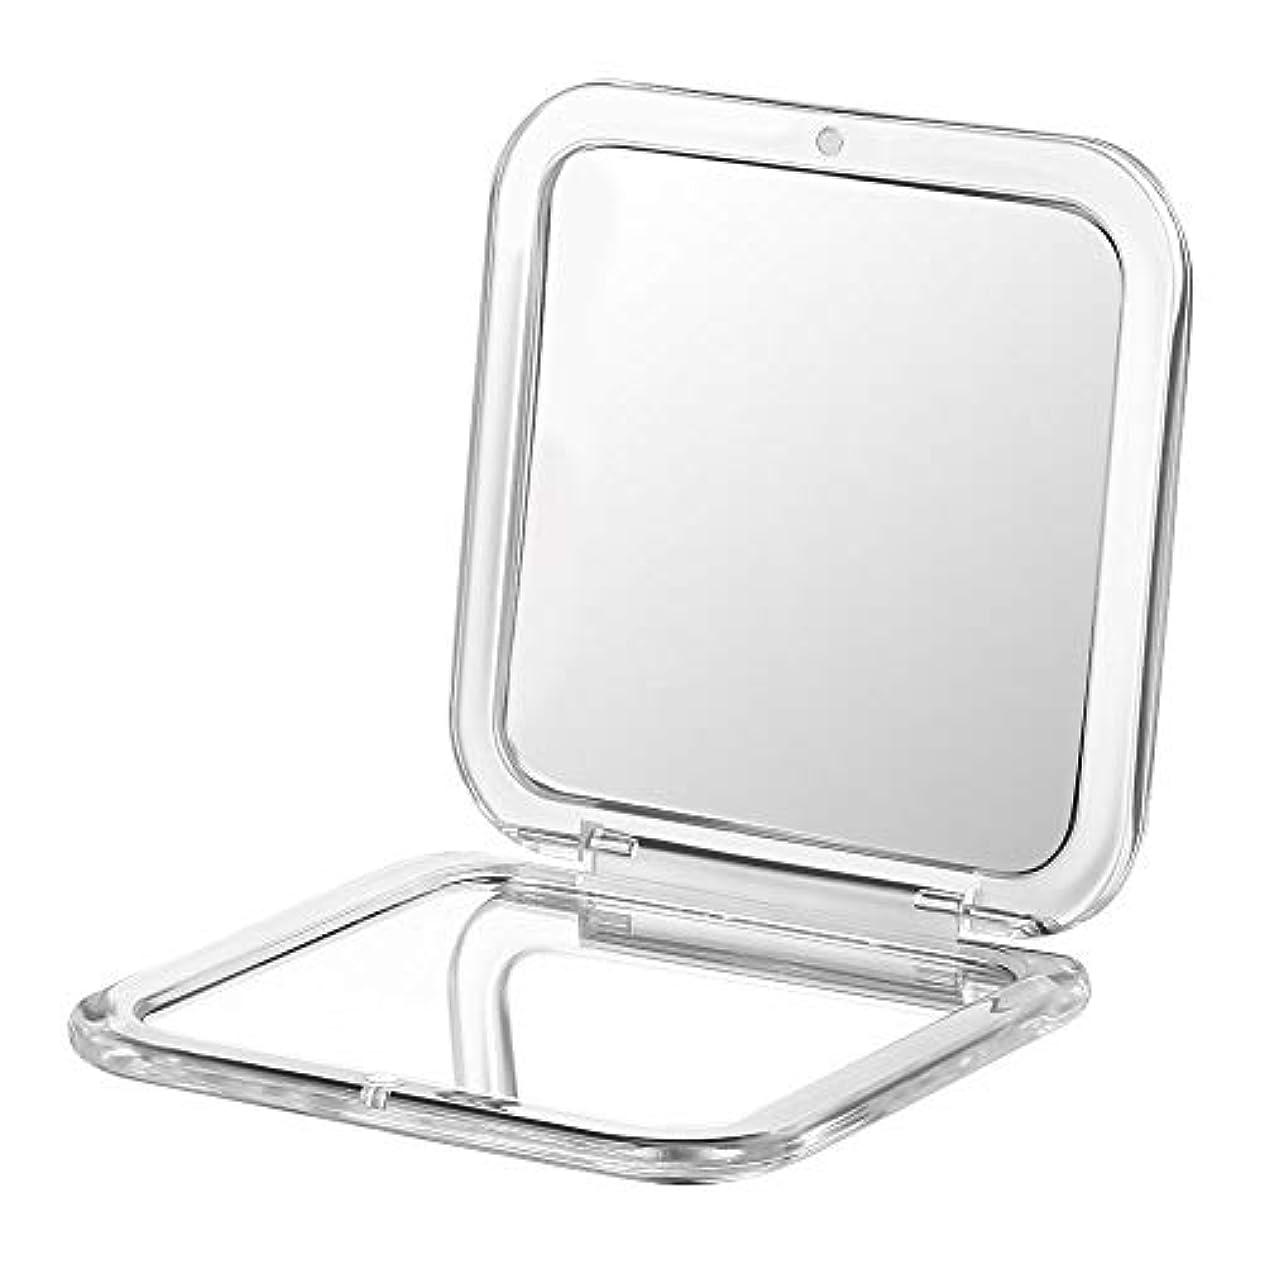 聖書ポーチ地理コンパクト鏡 拡大鏡 両面コンパクトミラー 卓上 10倍 化粧鏡